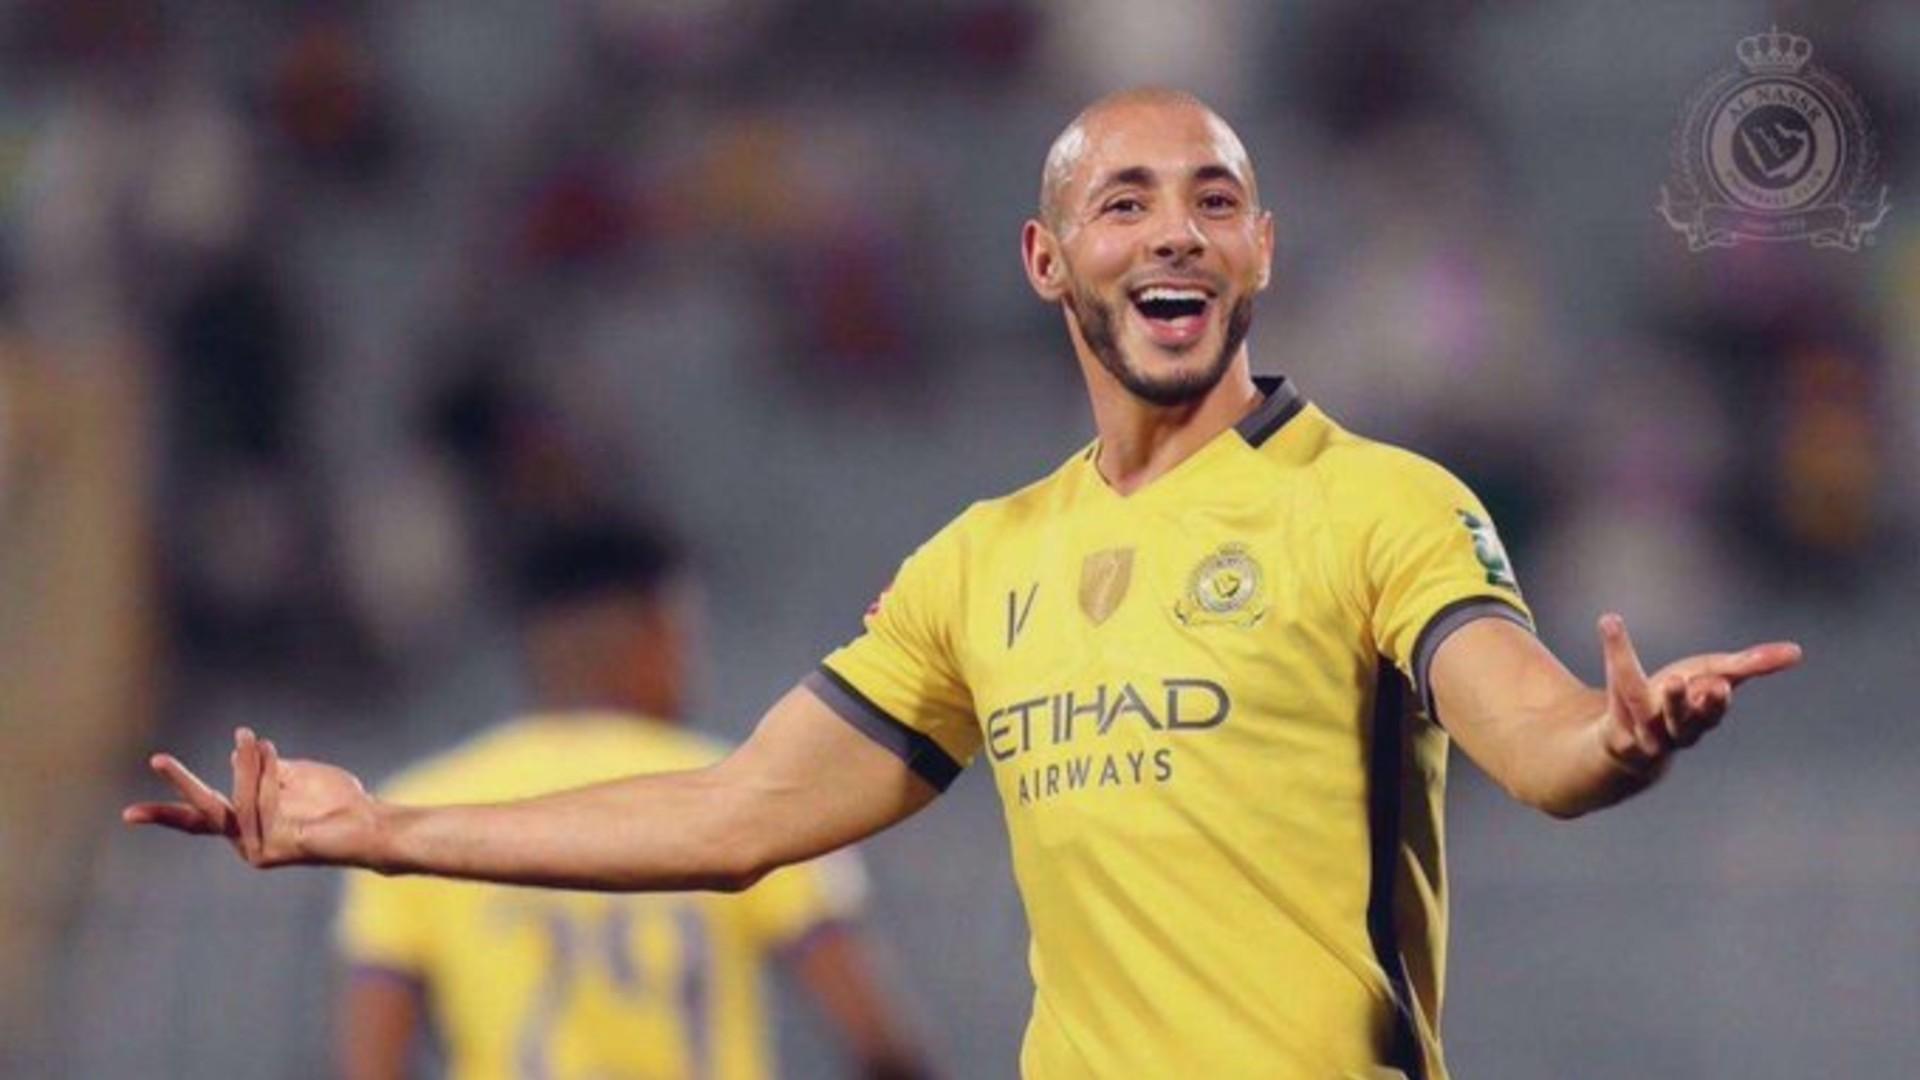 أمرابط: مستعد لتجديد عقدي مع النصر فورًا، لكن الأمر سيختلف بعد يناير    Goal.com